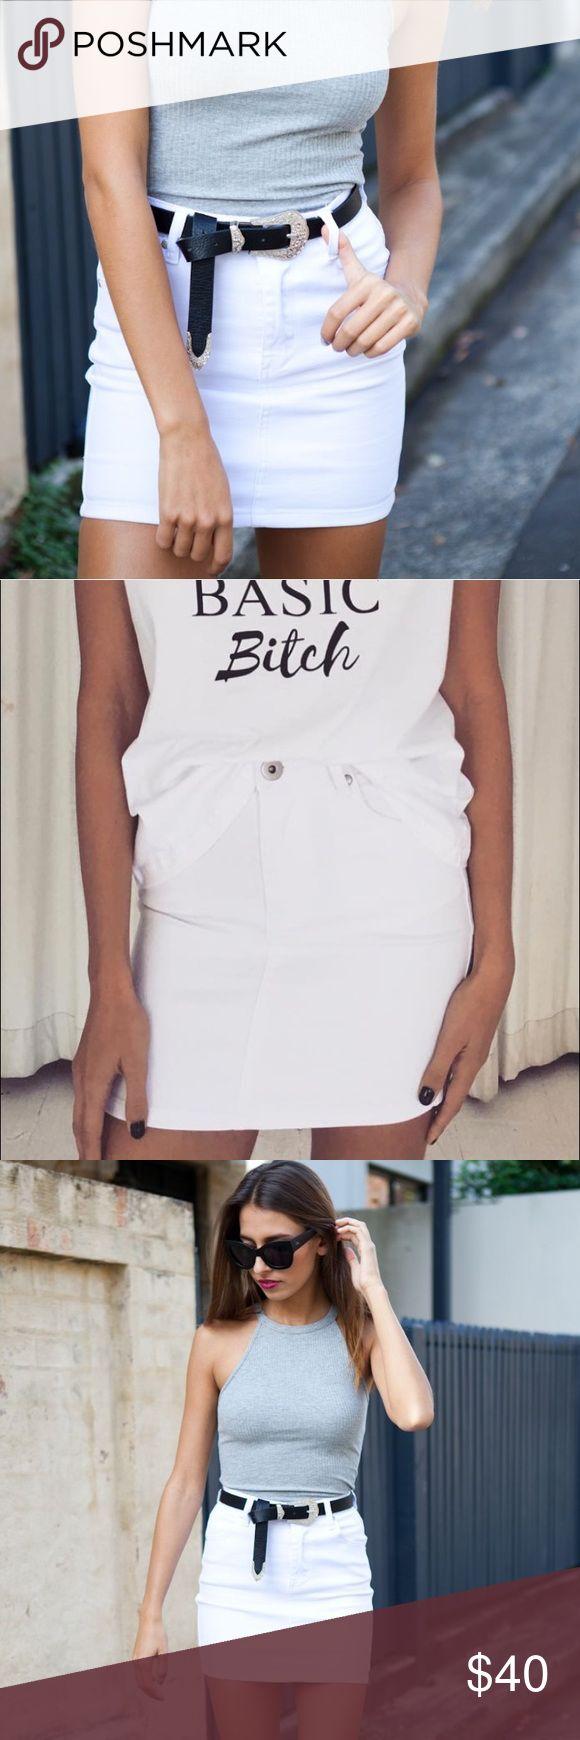 Sabo skirt coupon code